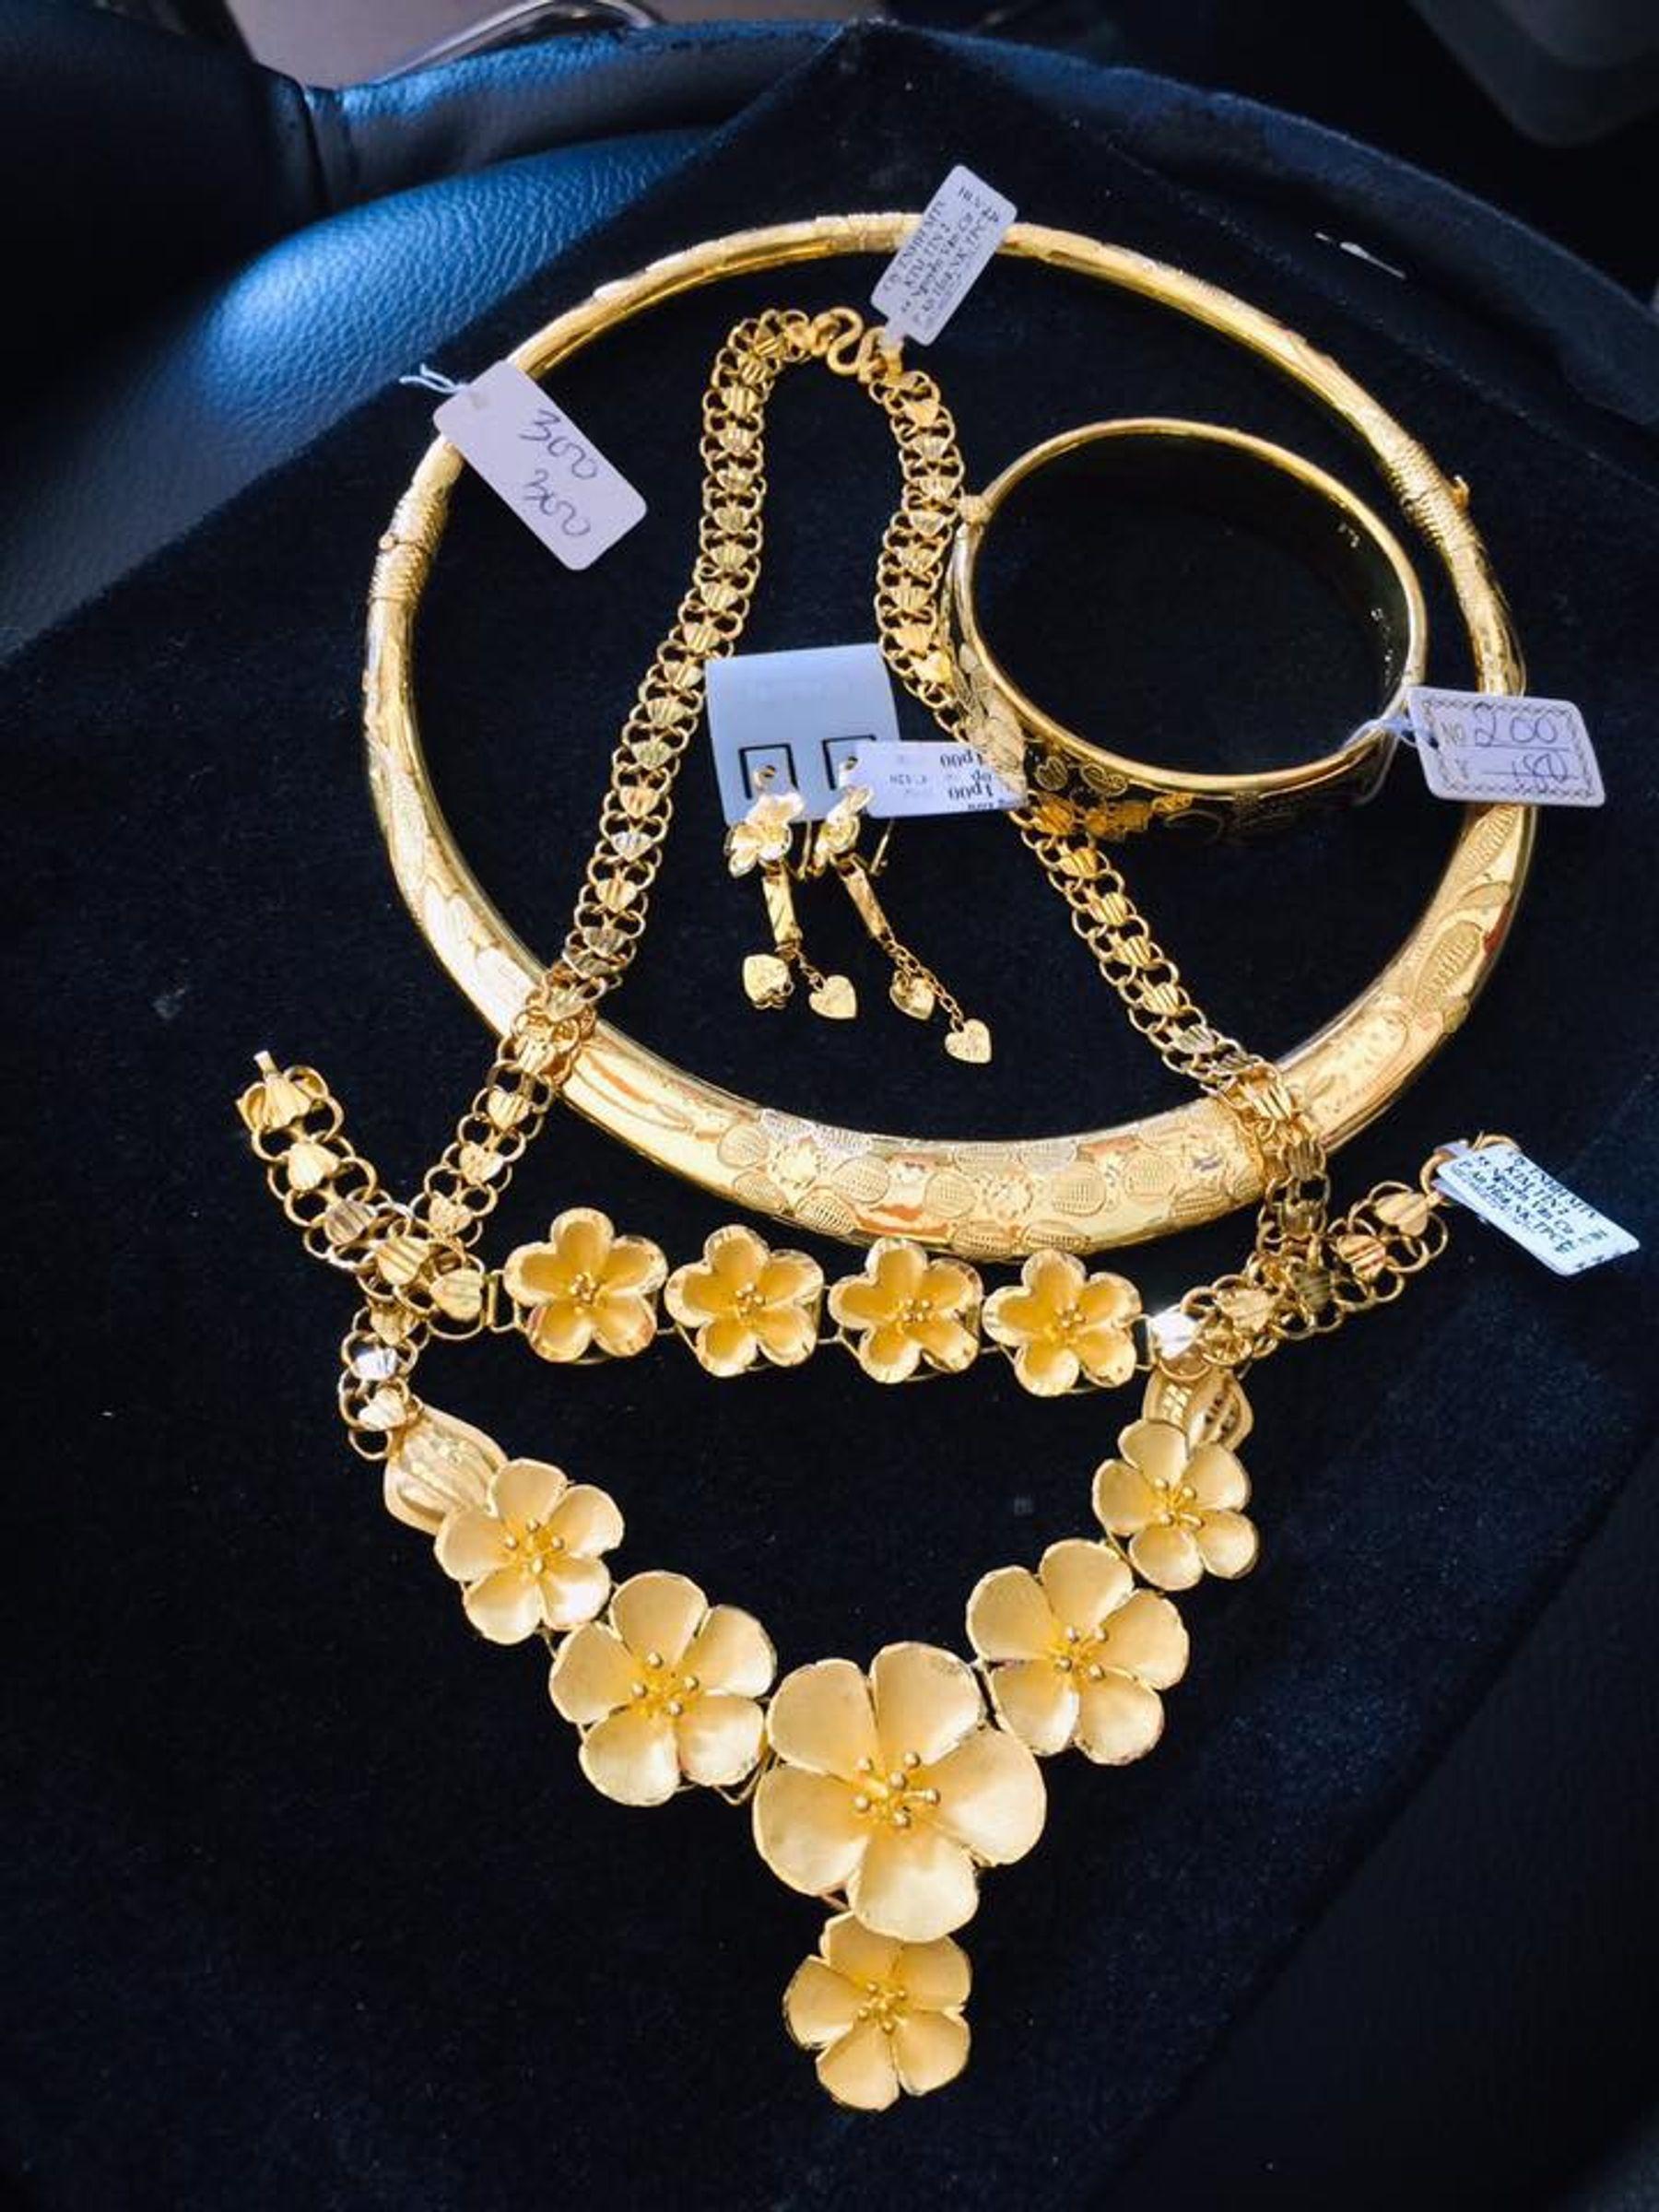 Step 2: Bộ vàng cưới cho cô dâu gồm dây chuyền vàng , kiềng vàng, lắc tay, đôi hoa tai